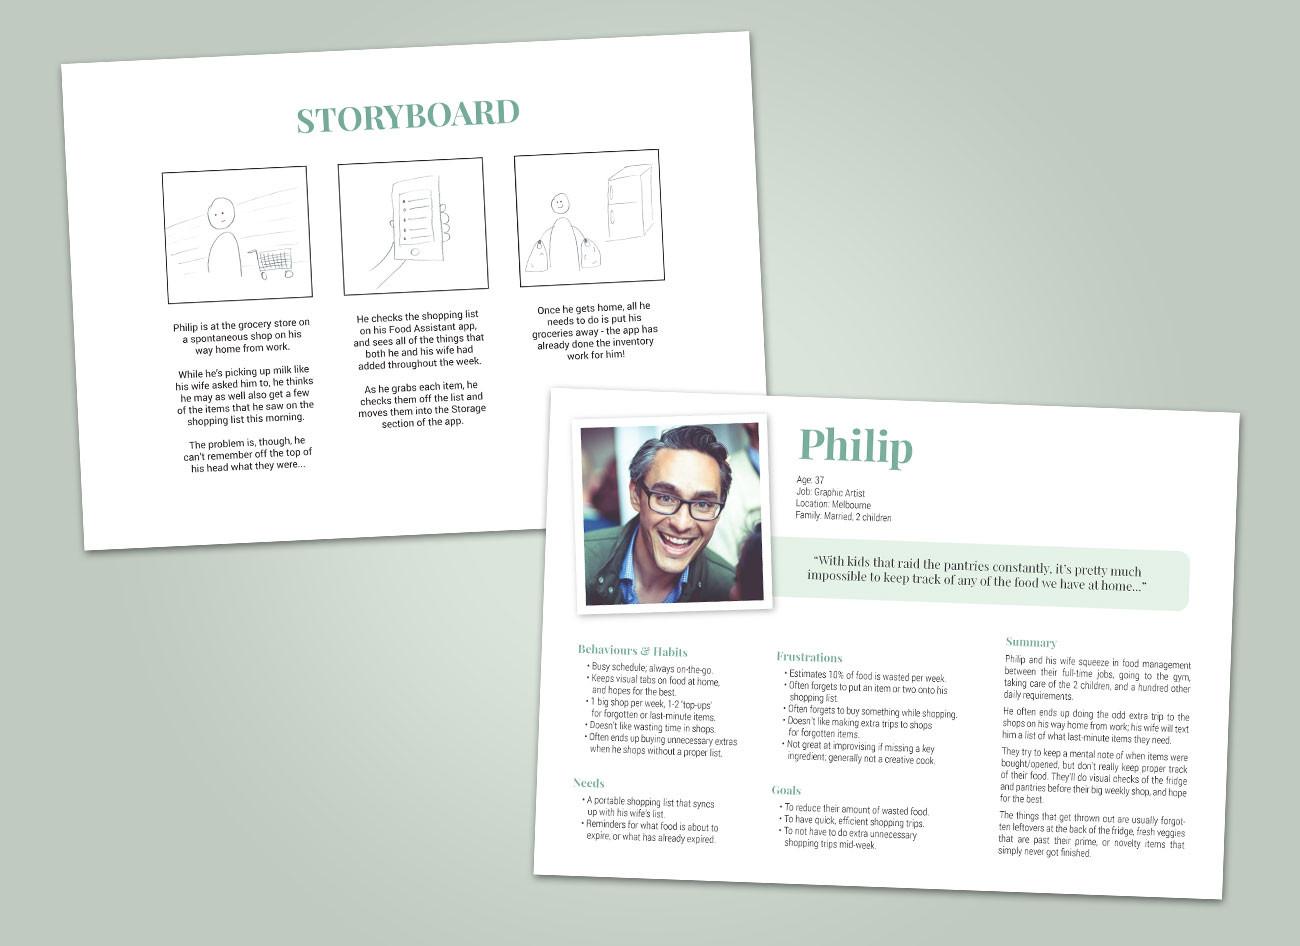 personas-storyboard.jpg